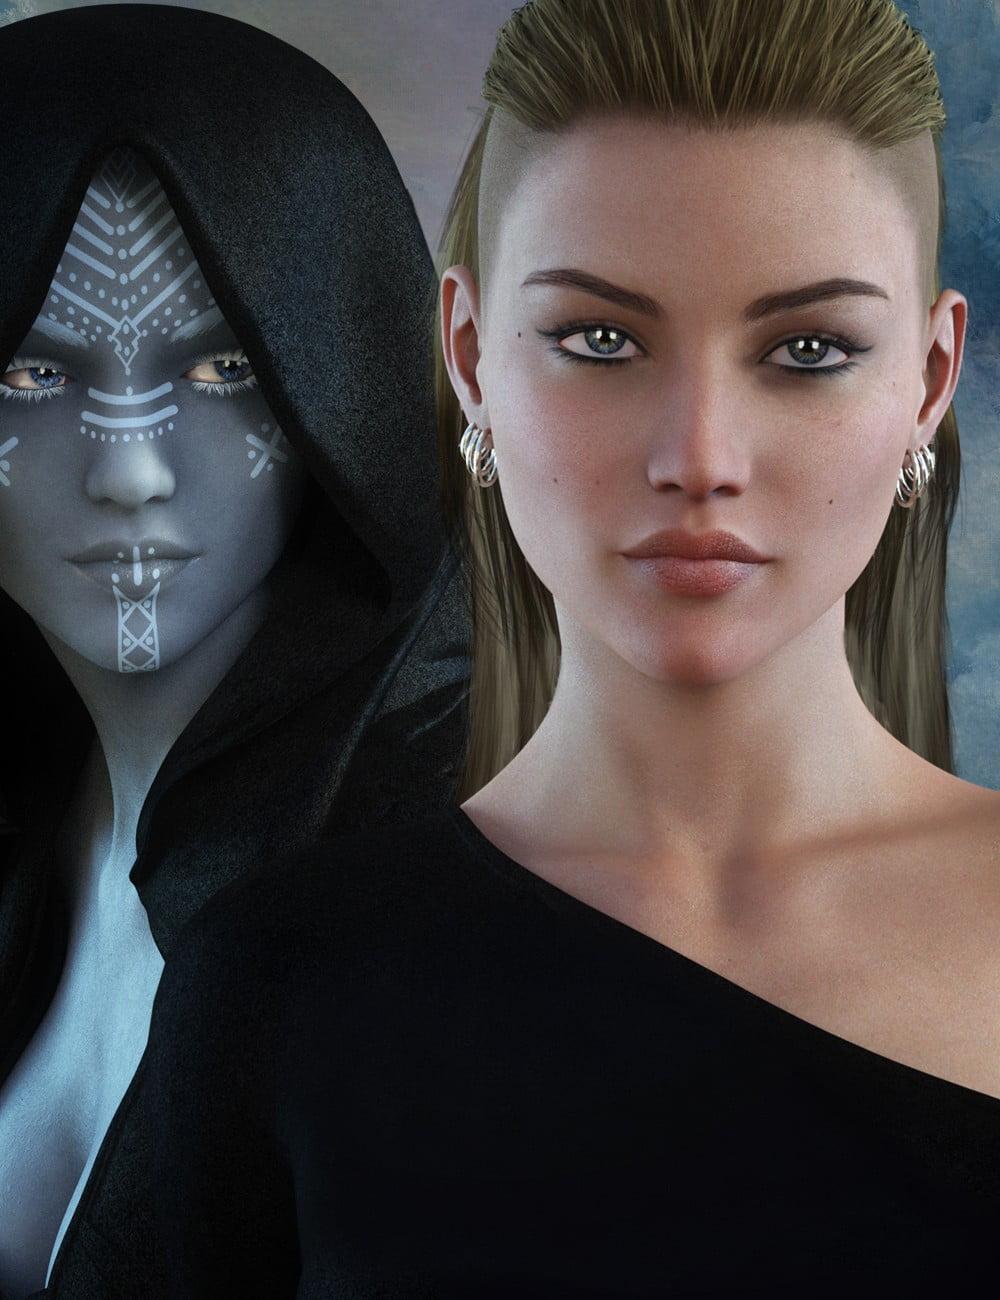 Eilish for Genesis 3 Female